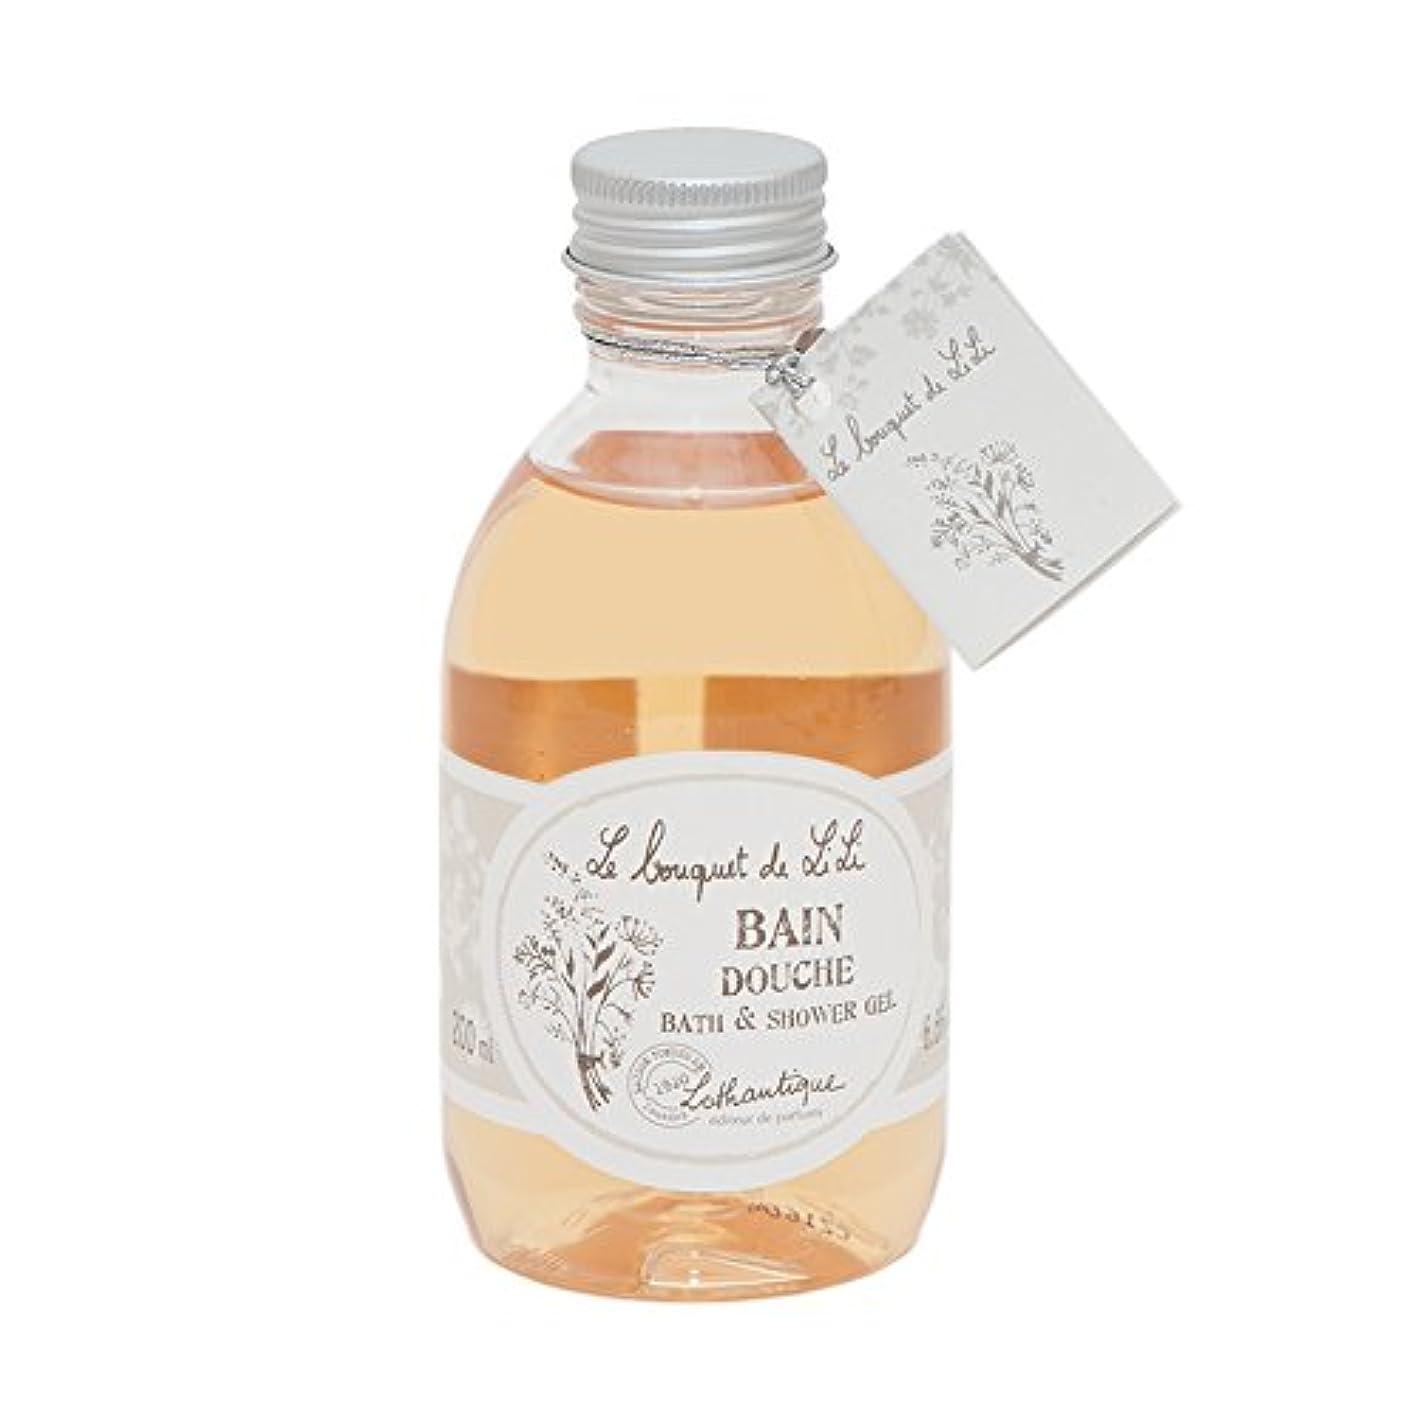 コンドーム本気日常的にLothantique(ロタンティック) Le bouquet de LiLi(ブーケドゥリリシリーズ) ボディウォッシュ 200ml 3420070029034